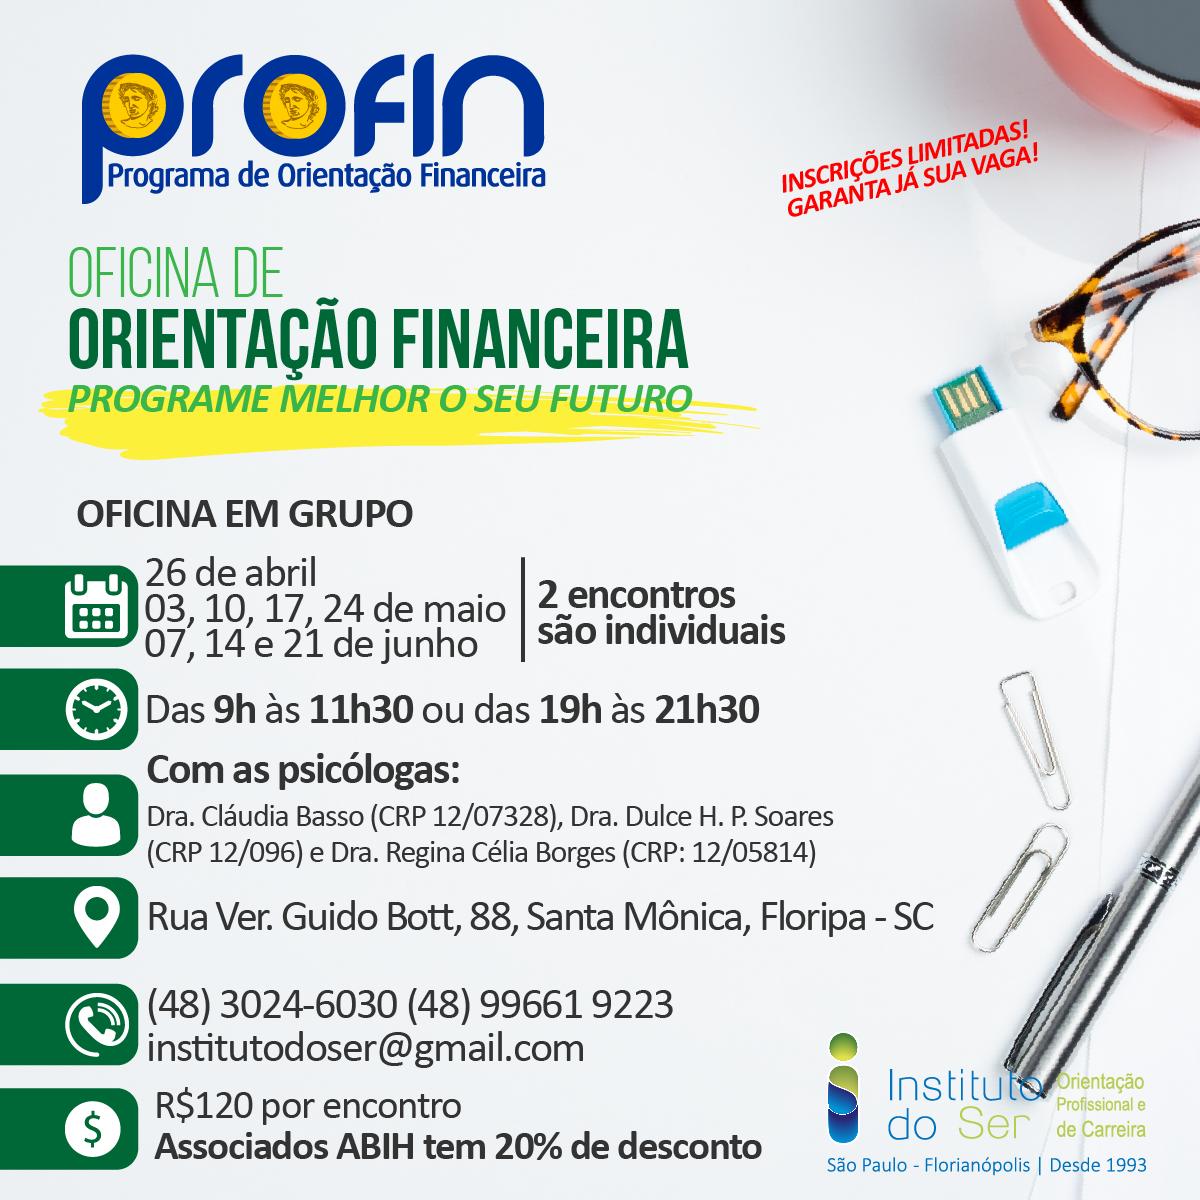 OFICINA-PROFIN0-2018 (abih)-01